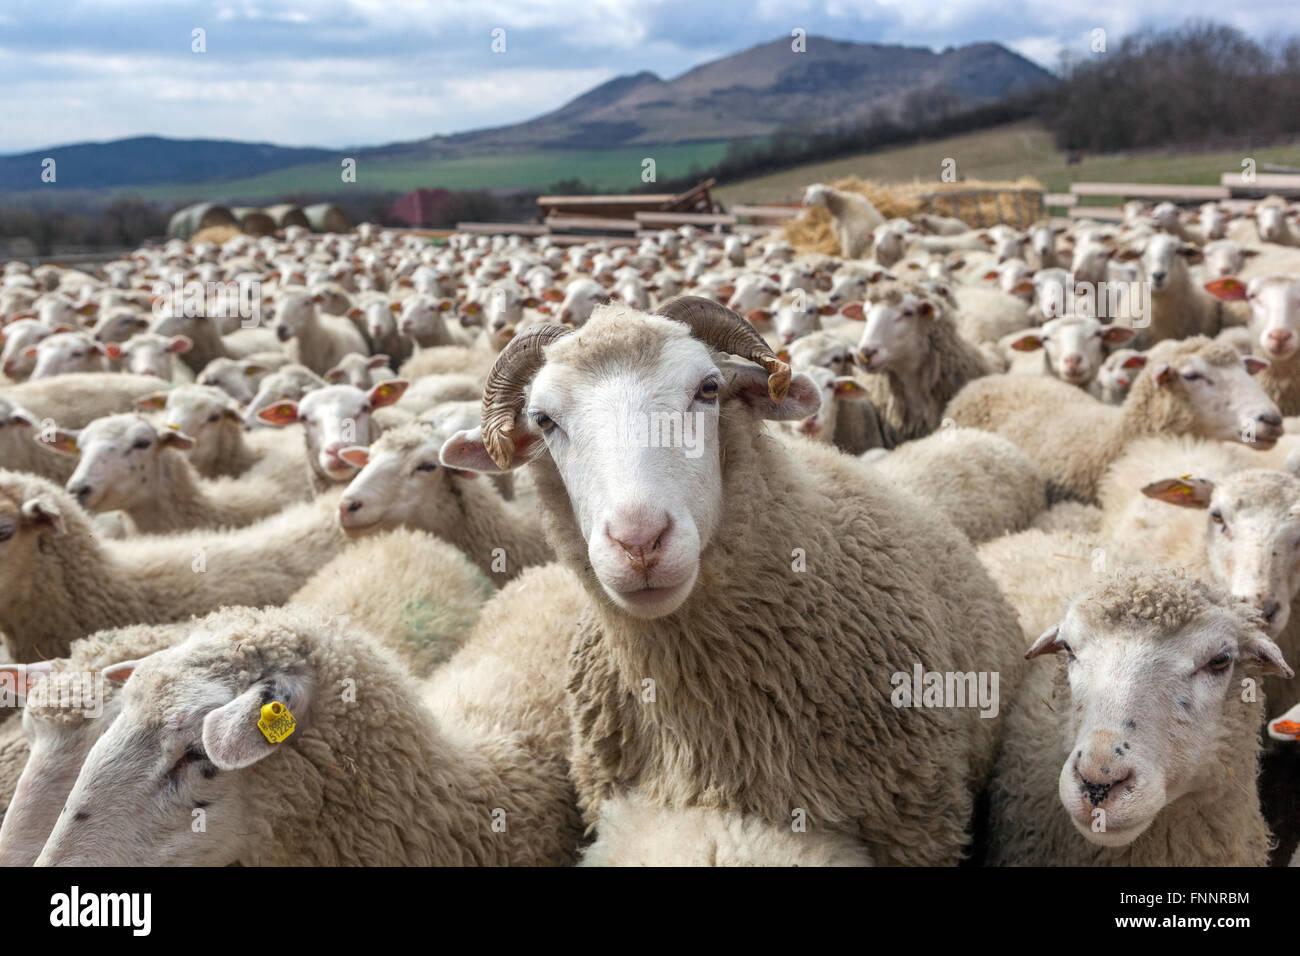 Ram in mezzo alle greggi di pecore allevamento, il paesaggio della Boemia centrale Uplands, Repubblica Ceca Immagini Stock